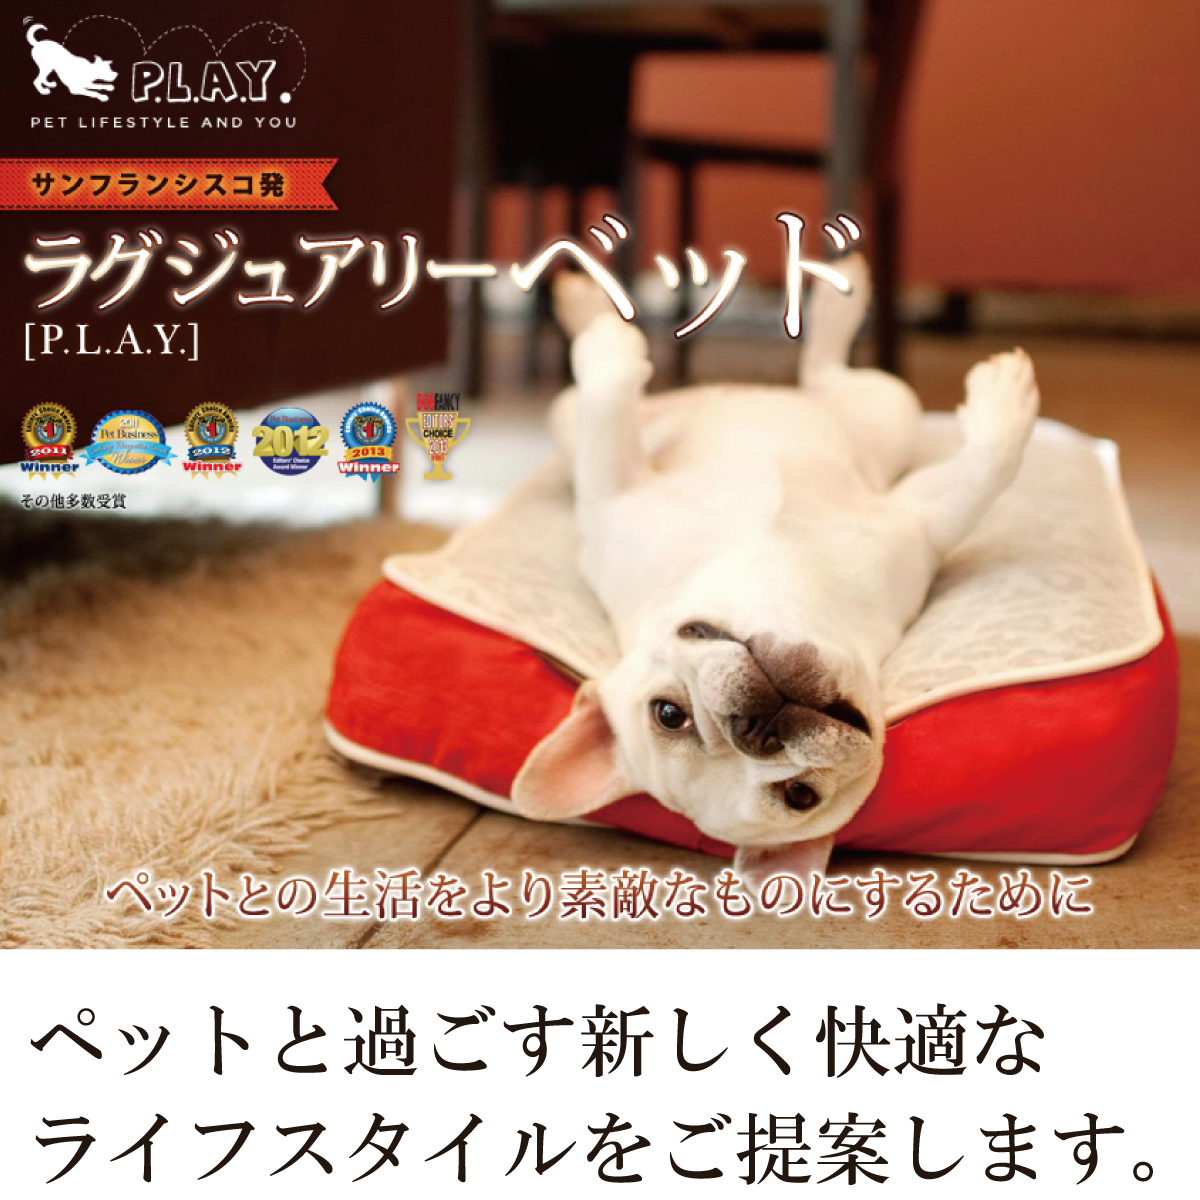 ペットとの生活をより快適にするためのラグジュアリーベッド。ペットと過ごす新しく快適なライフスタイルをご提案します。